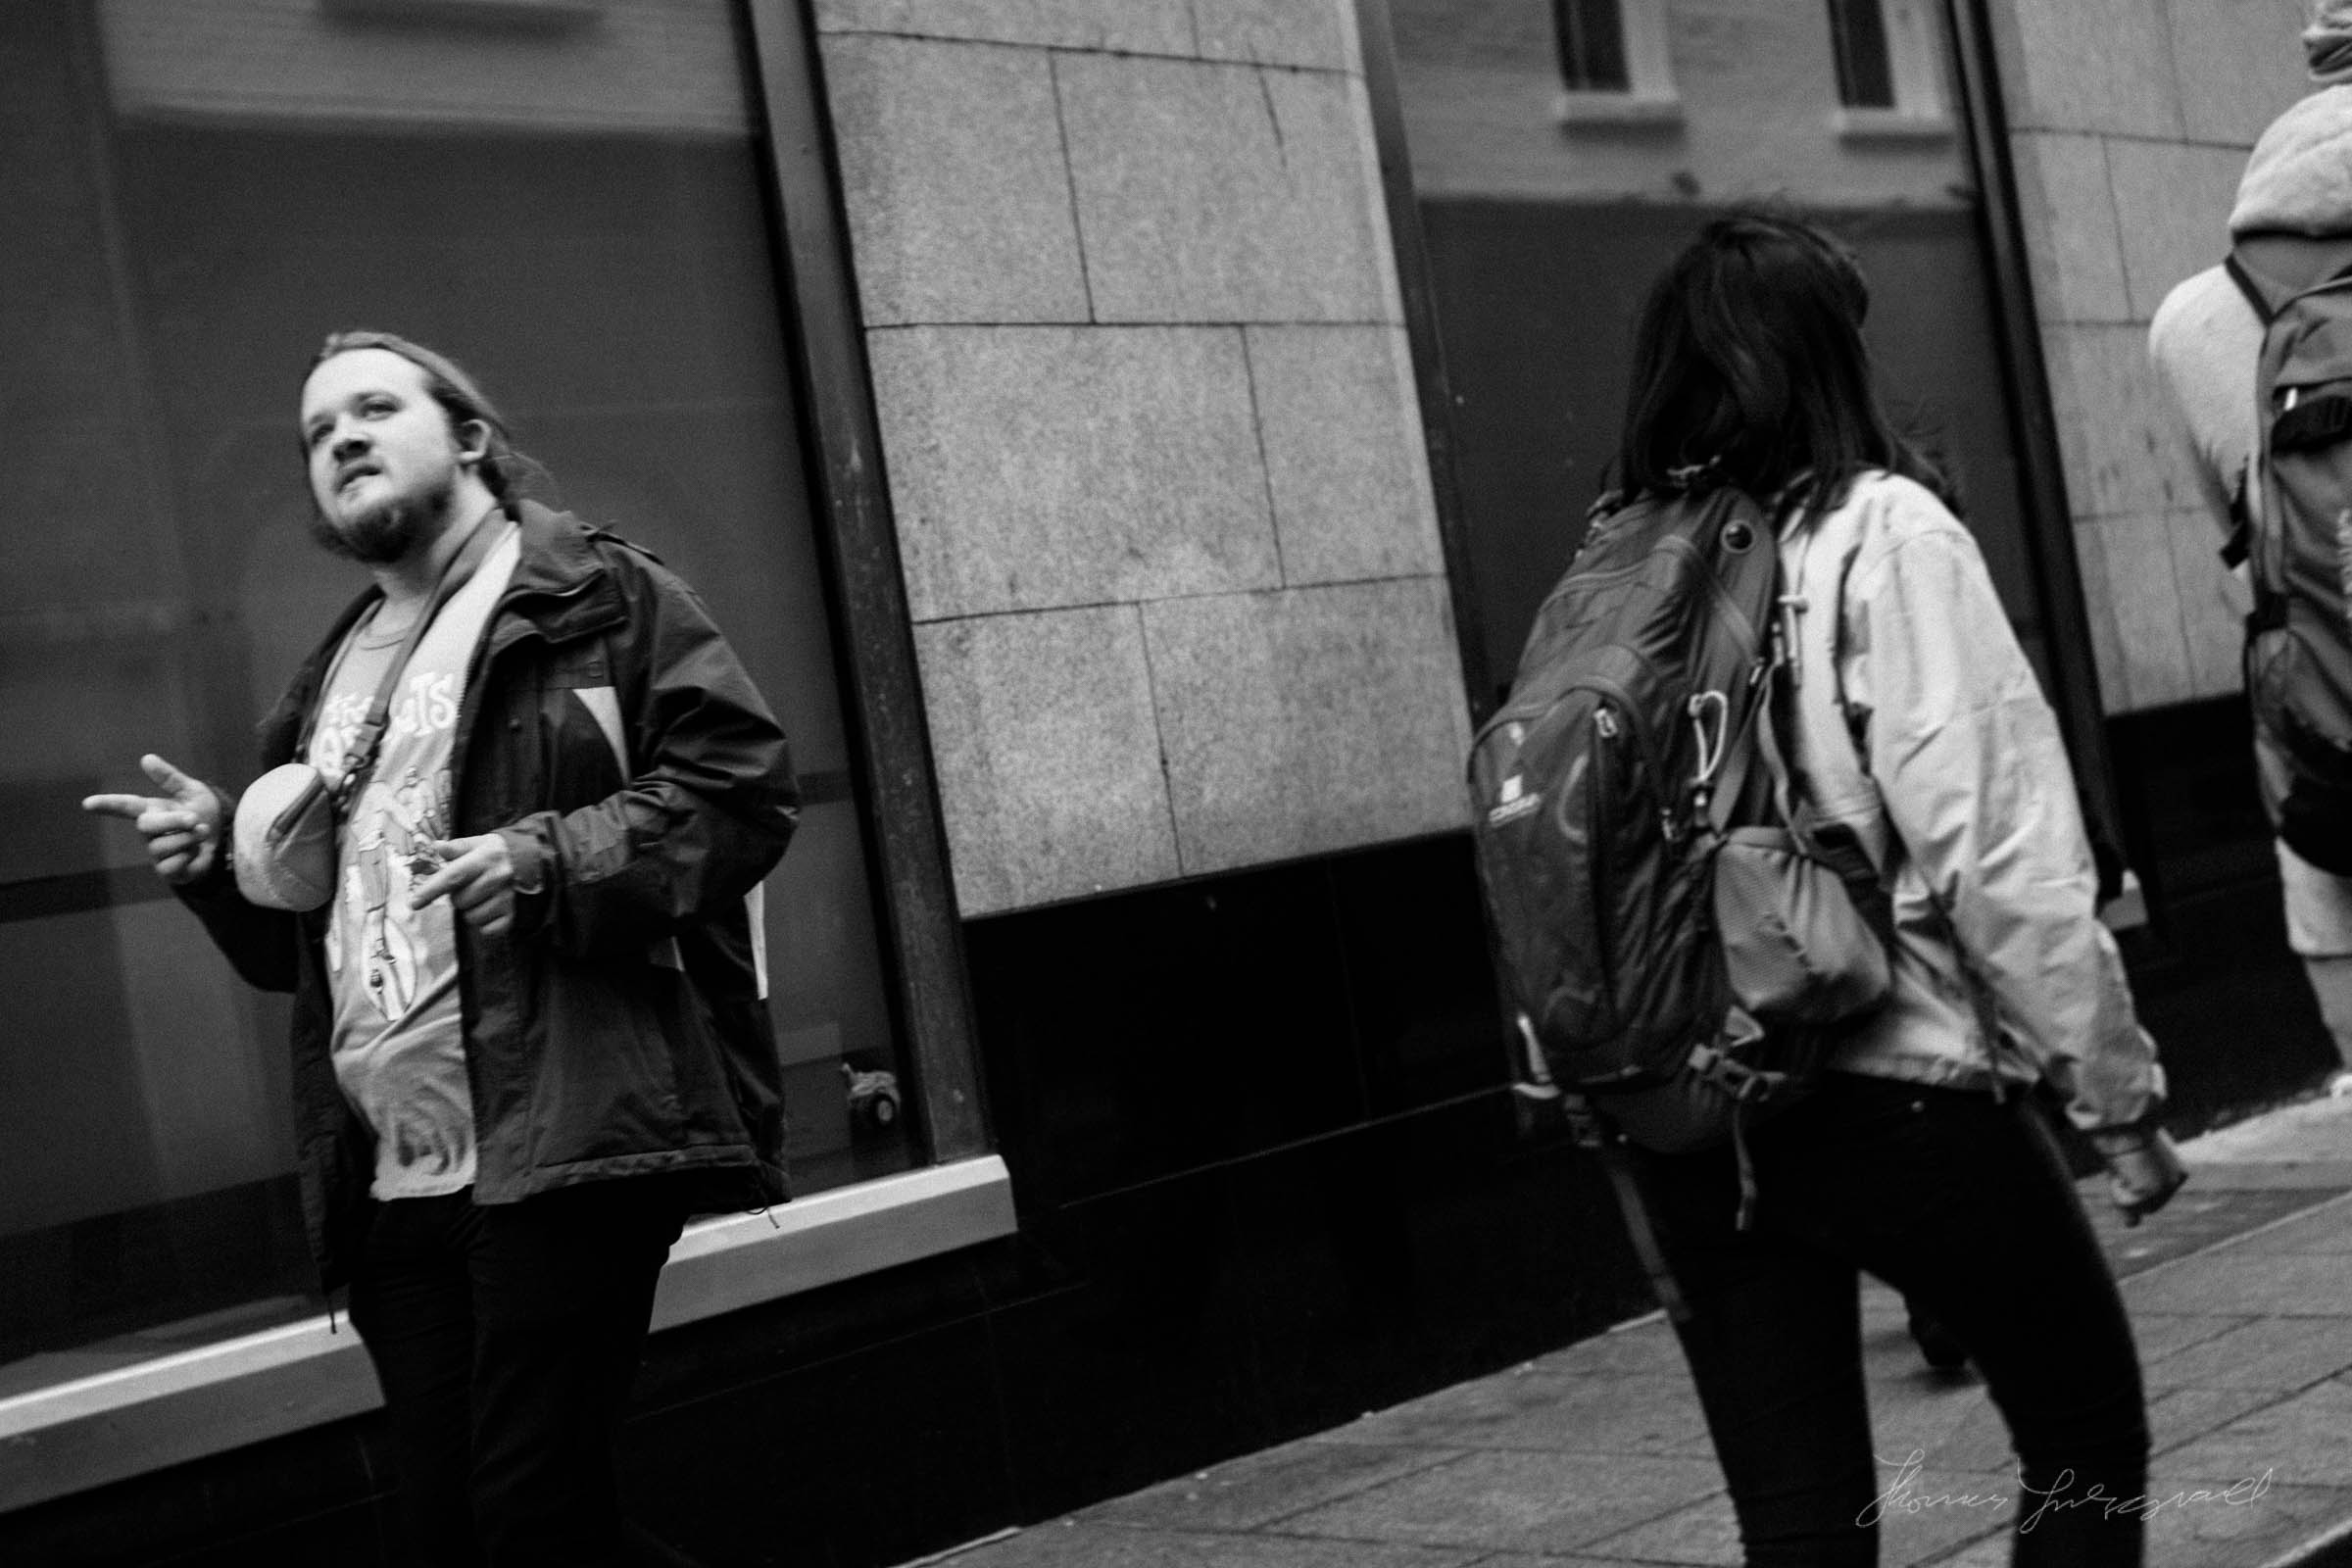 Street-Photo-Diary-No-6-BW-Dublin-19.jpg